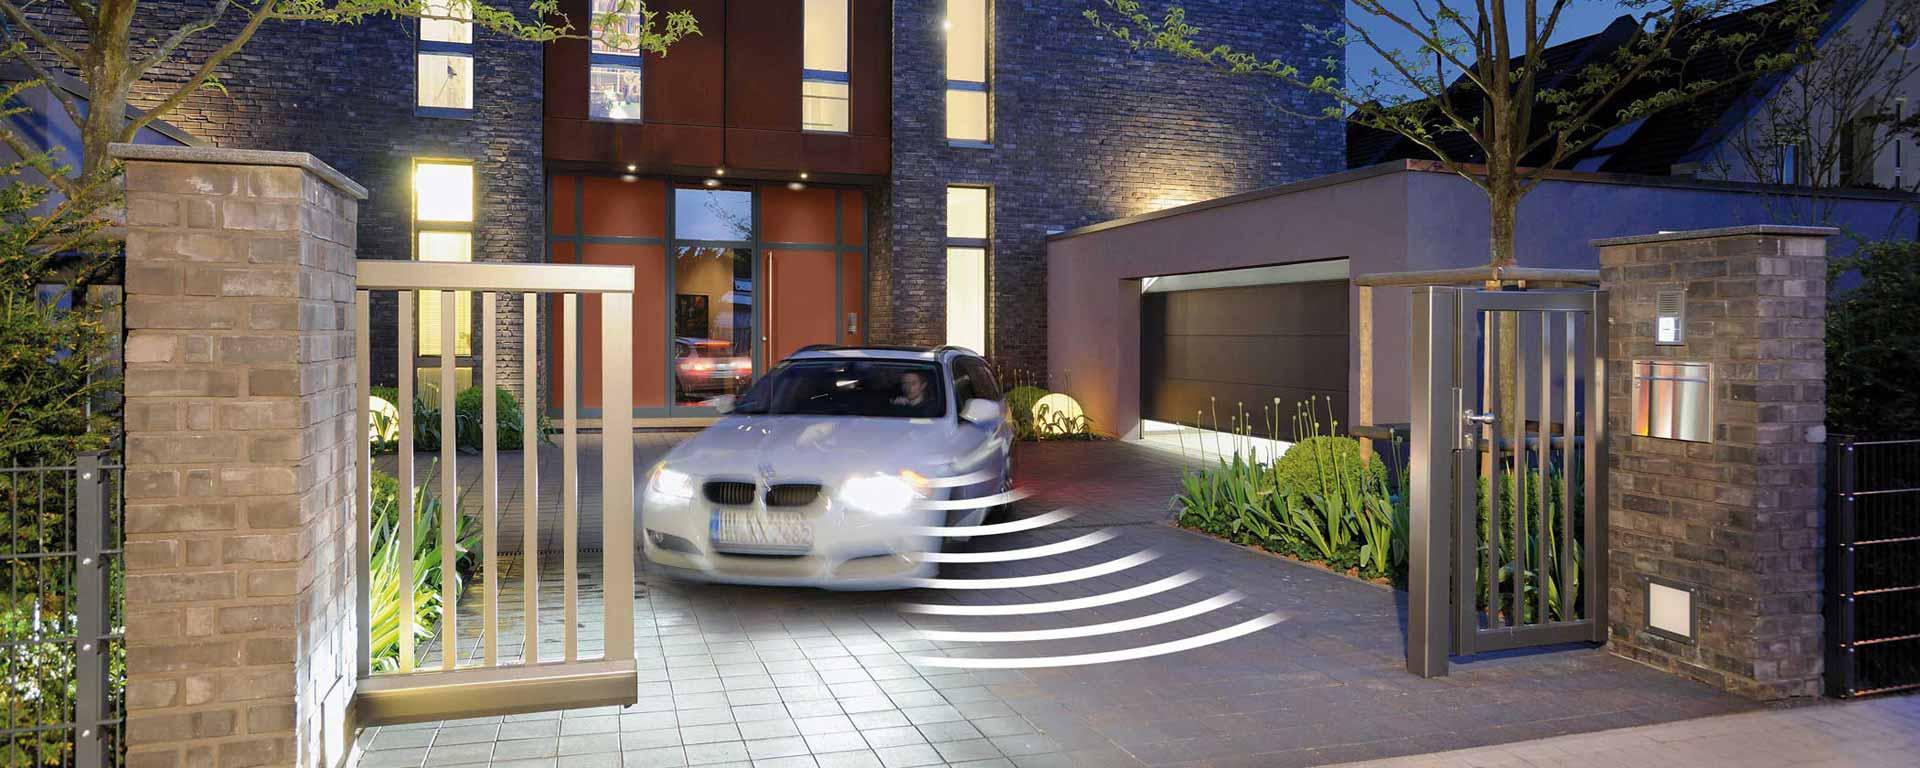 Einfahrt, Haustüre und Garagentor